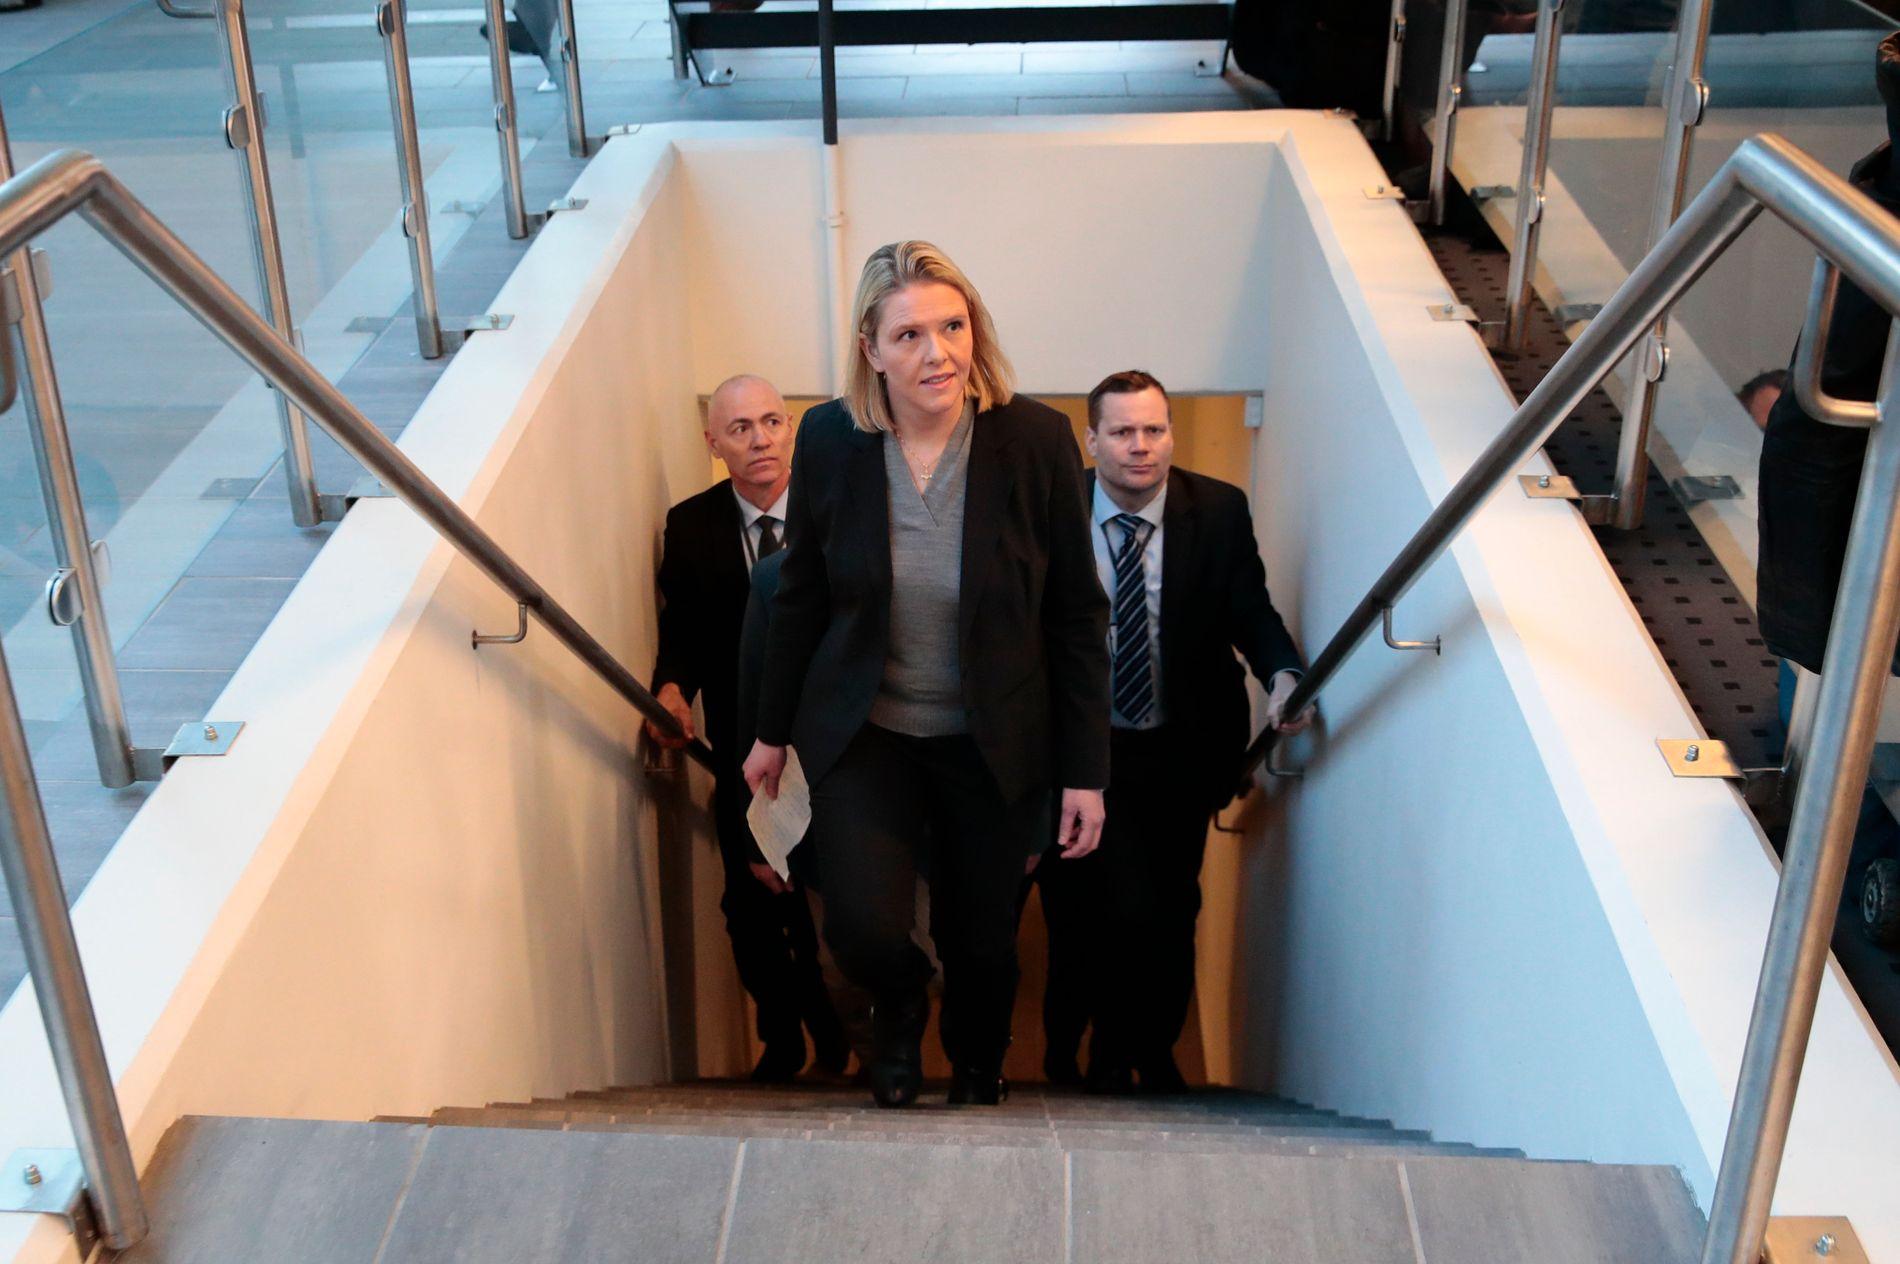 PÅ VEIEN UT: Sylvi Listhaug (Frp) måtte gå av som justiminister i vår etter et Facebook-innlegg om Arbeiderpartiet og terrorisme.